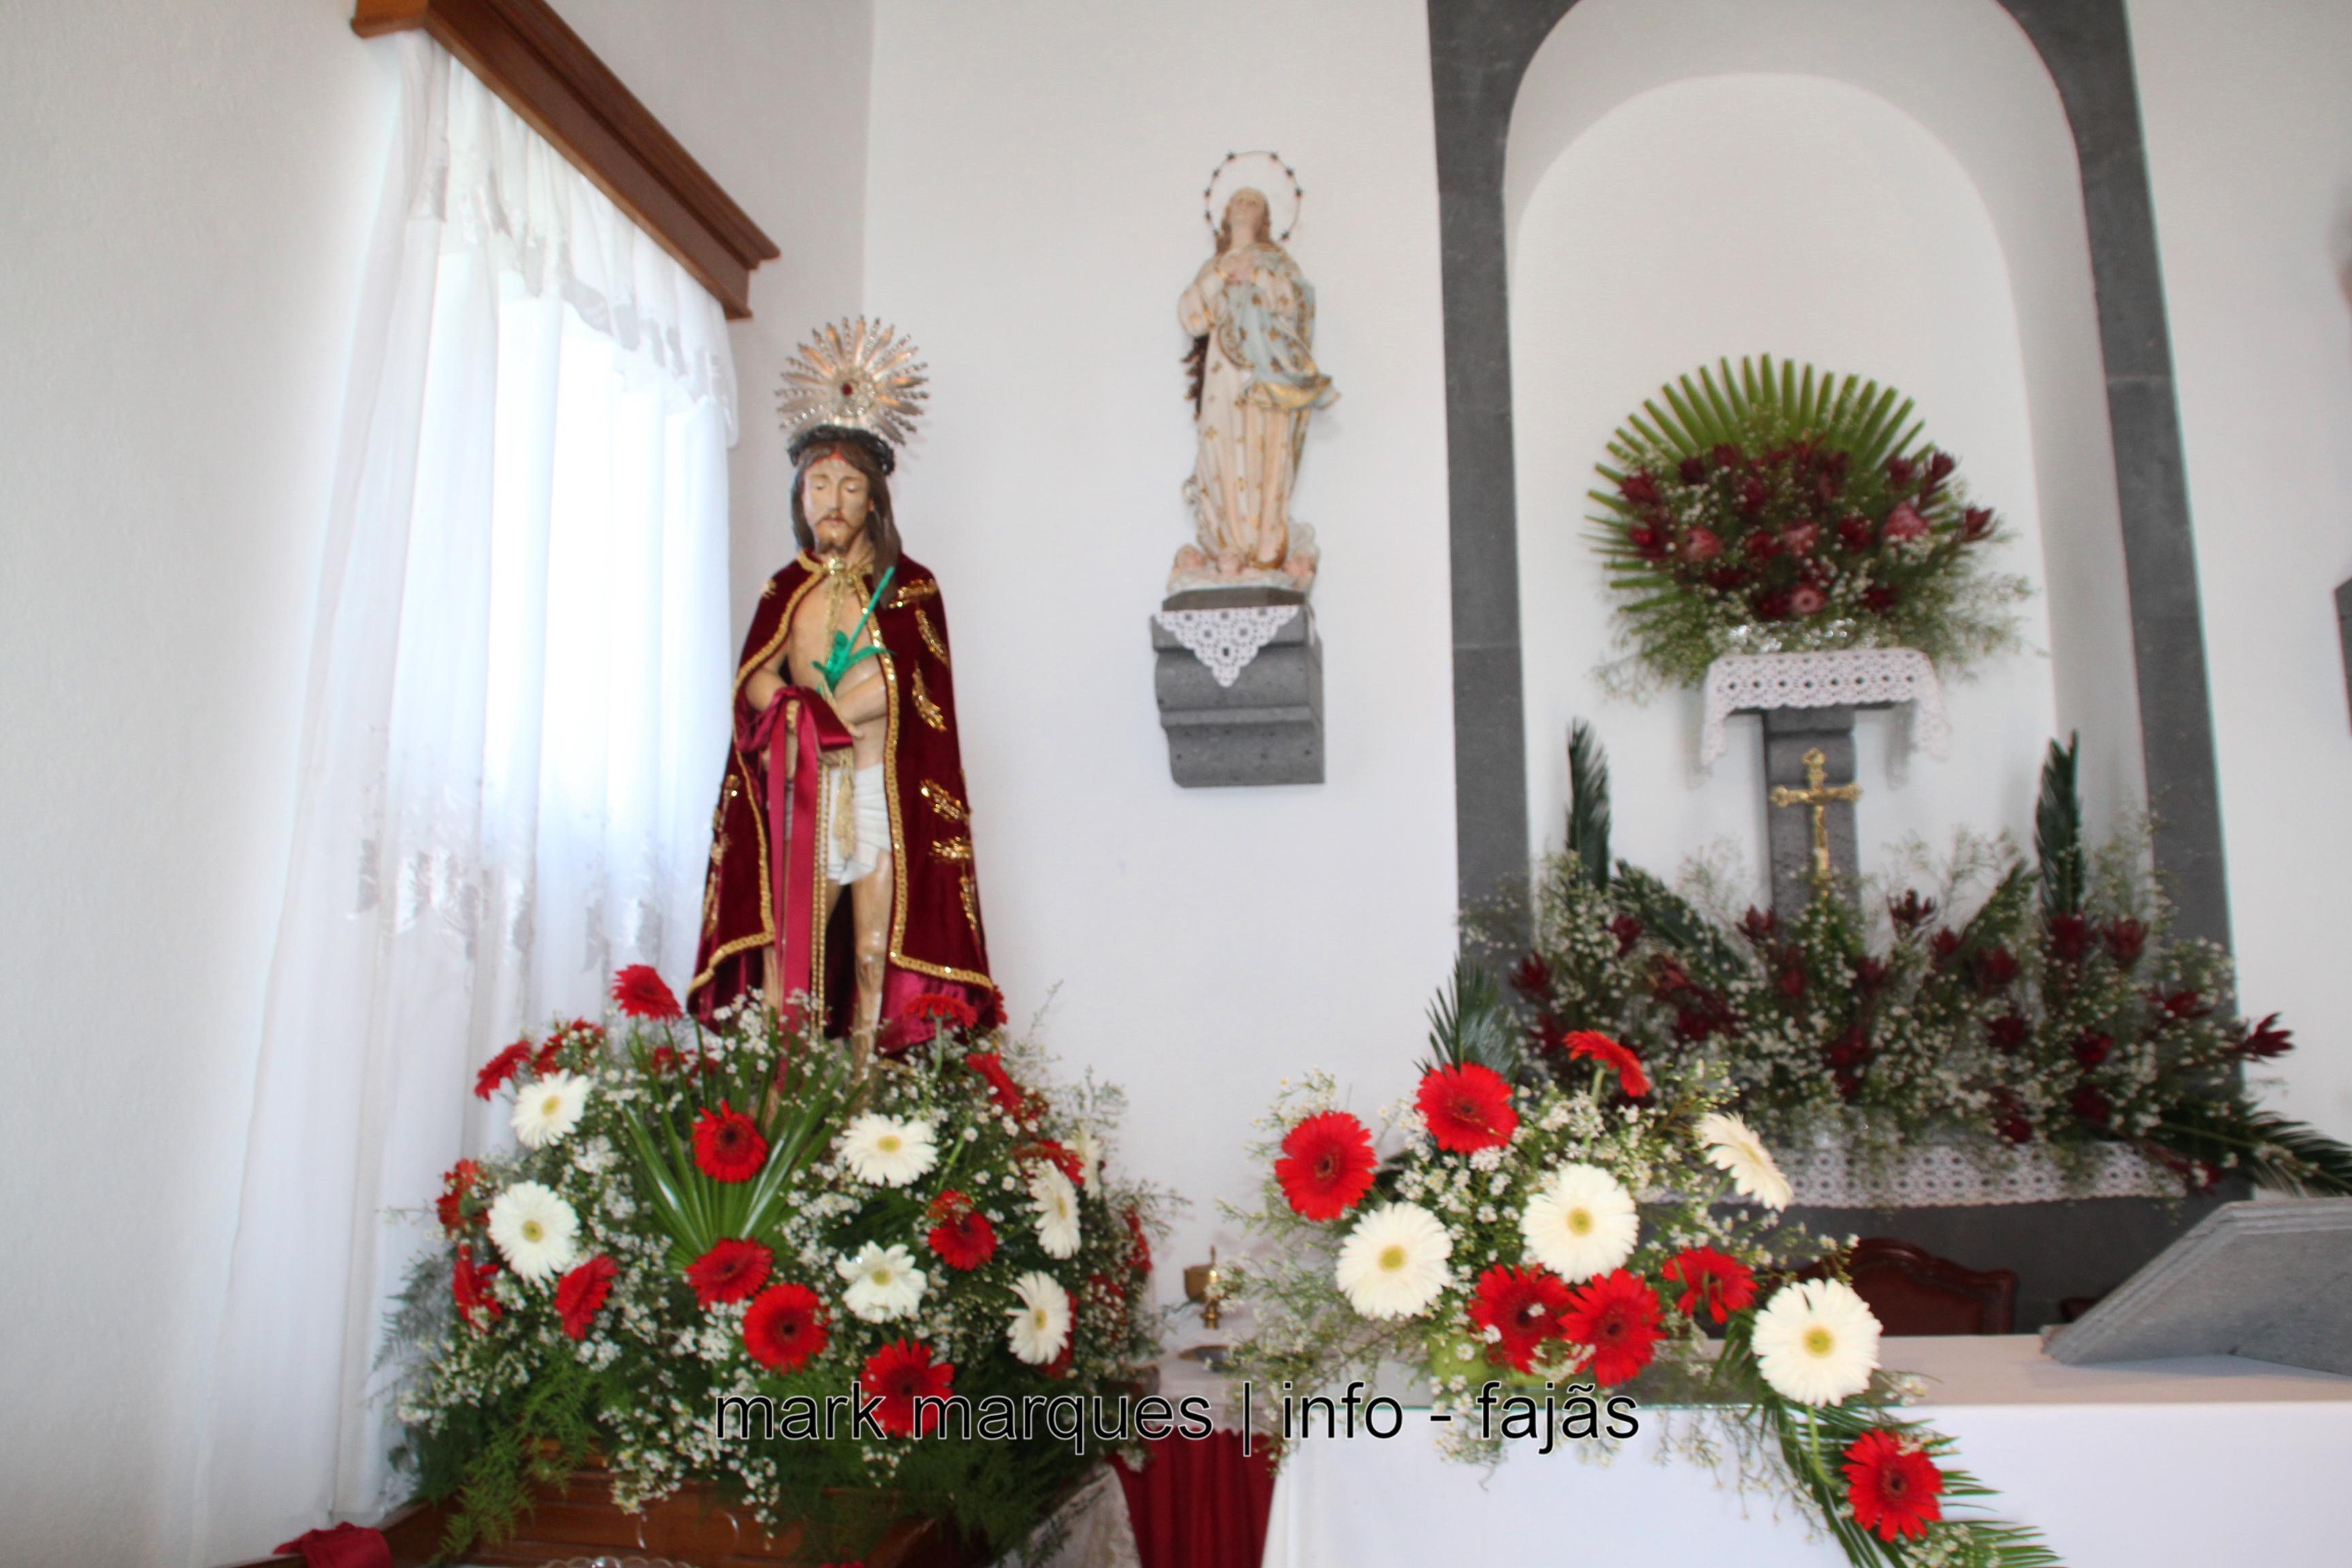 MISSA SOLENE BOM JESUS – FAJÃ GRANDE / CALHETA – ILHA DE S. JORGE. (reportagem fotográfica)